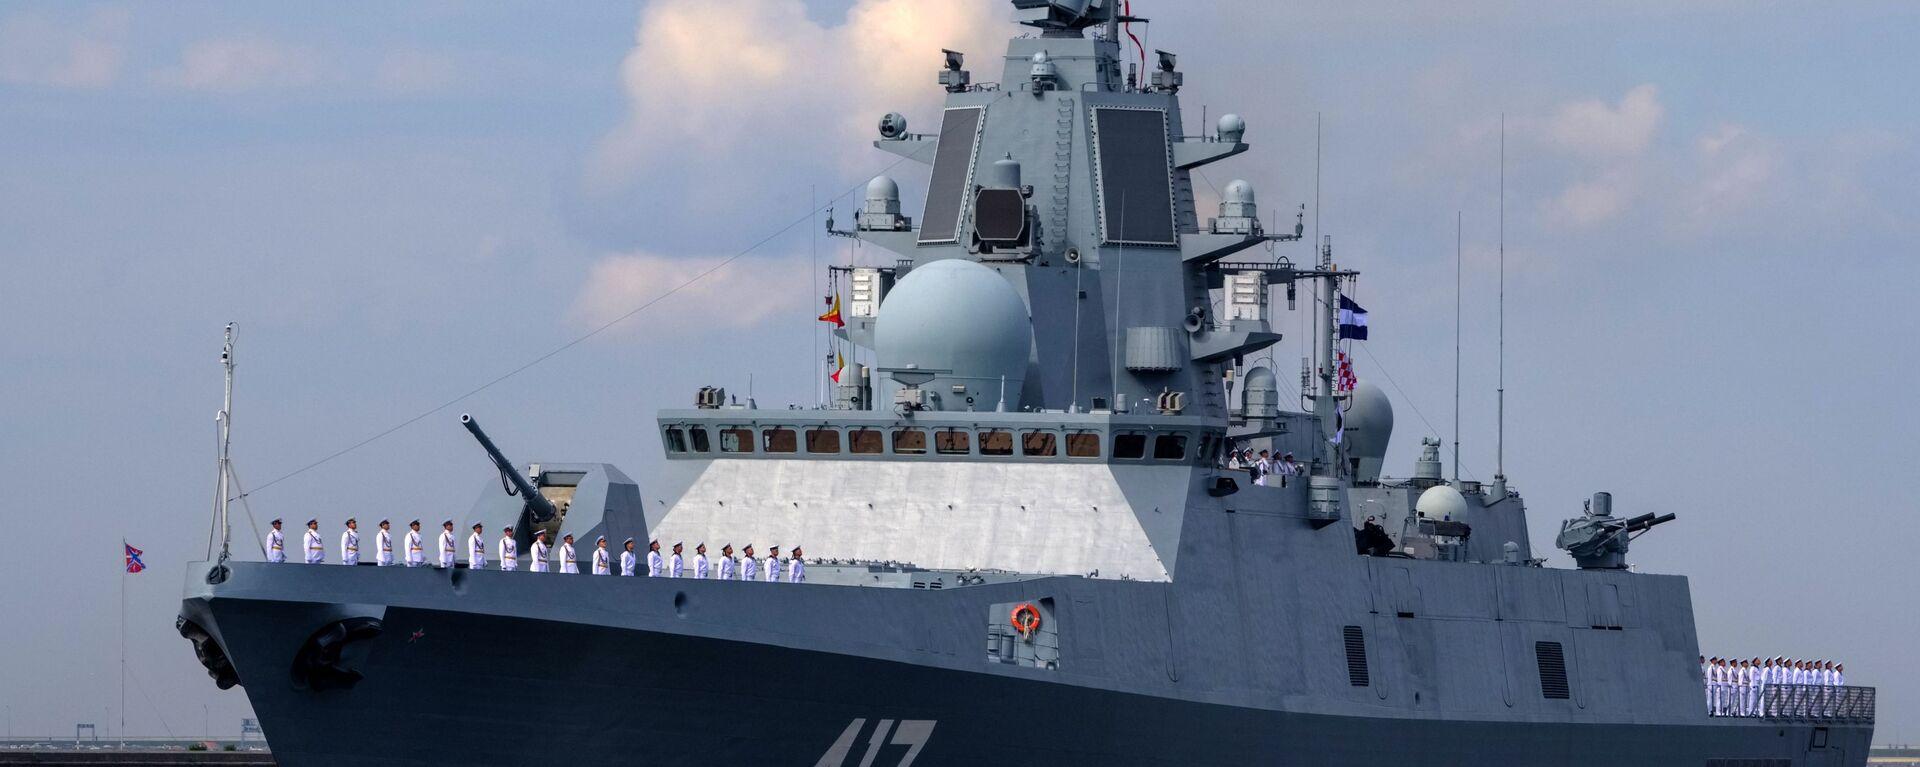 Fregata Admirál Gorškov při zkoušce námořní přehlídky v den námořnictva v Kronštadtu - Sputnik Česká republika, 1920, 24.04.2021